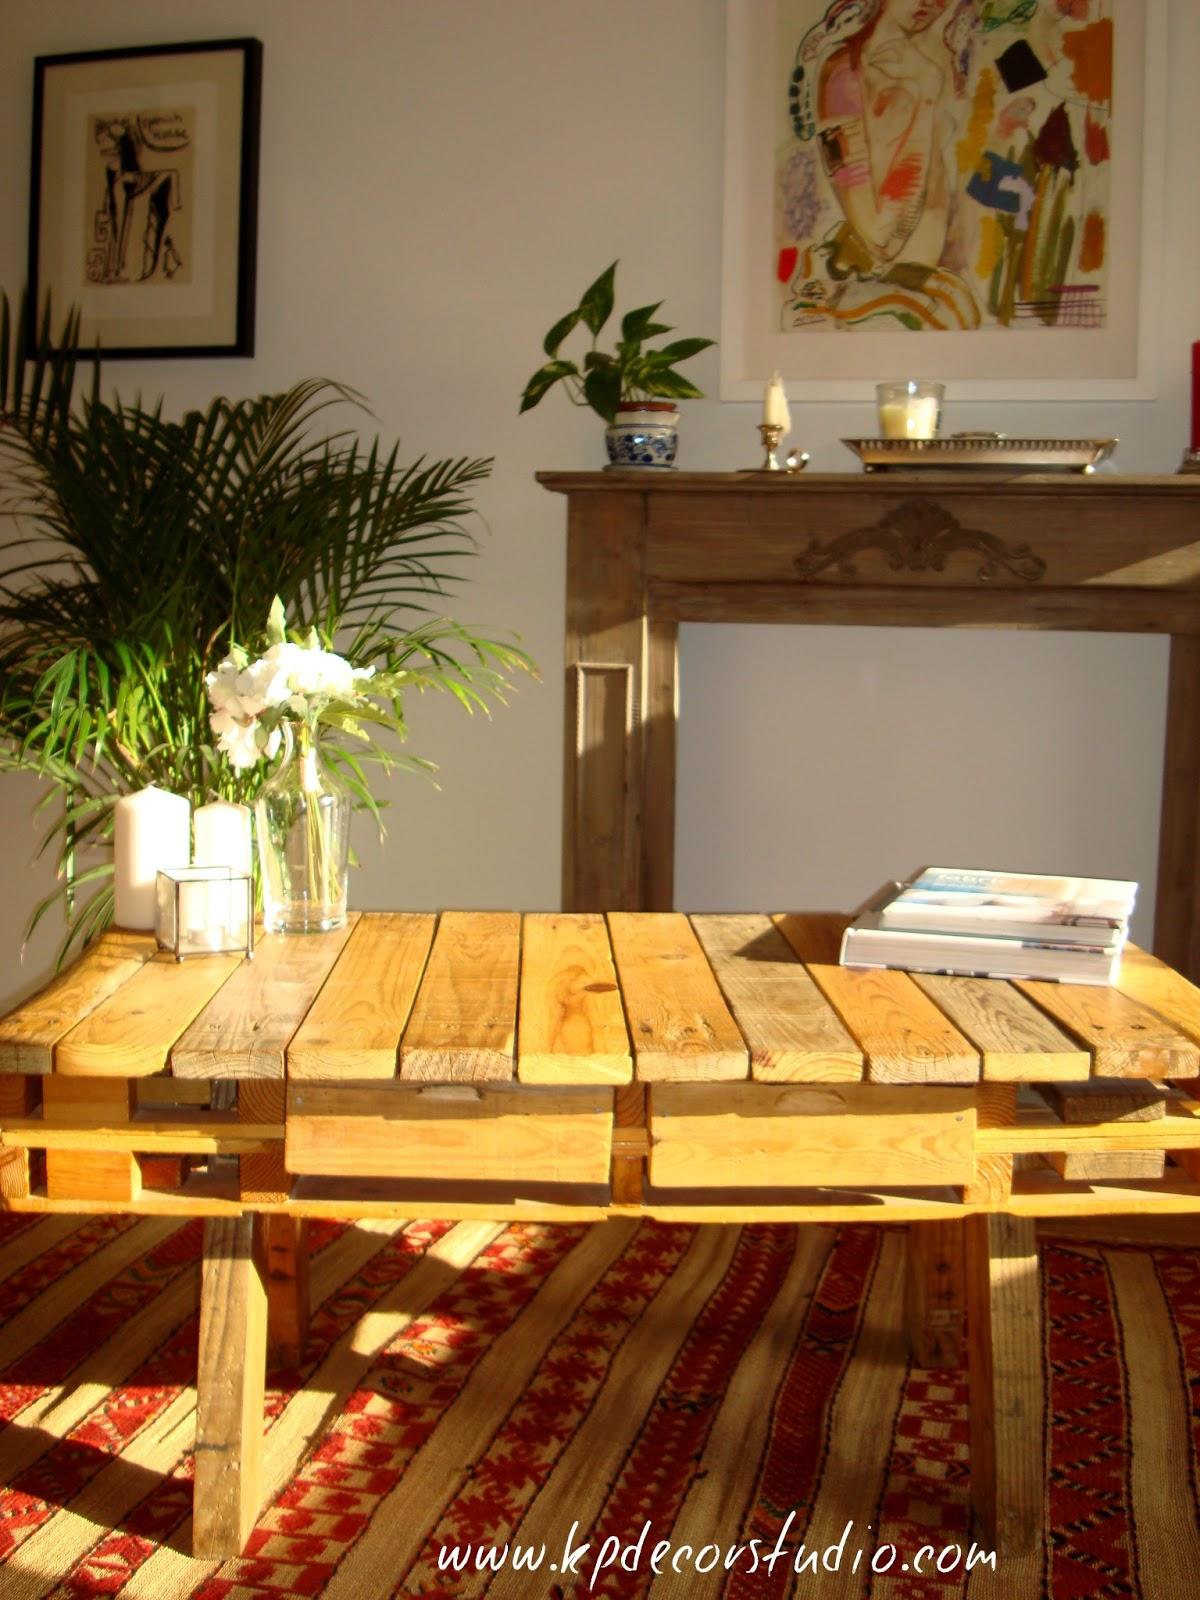 Kp tienda vintage online mesas de palet pallet tables - Palet de madera decoracion ...